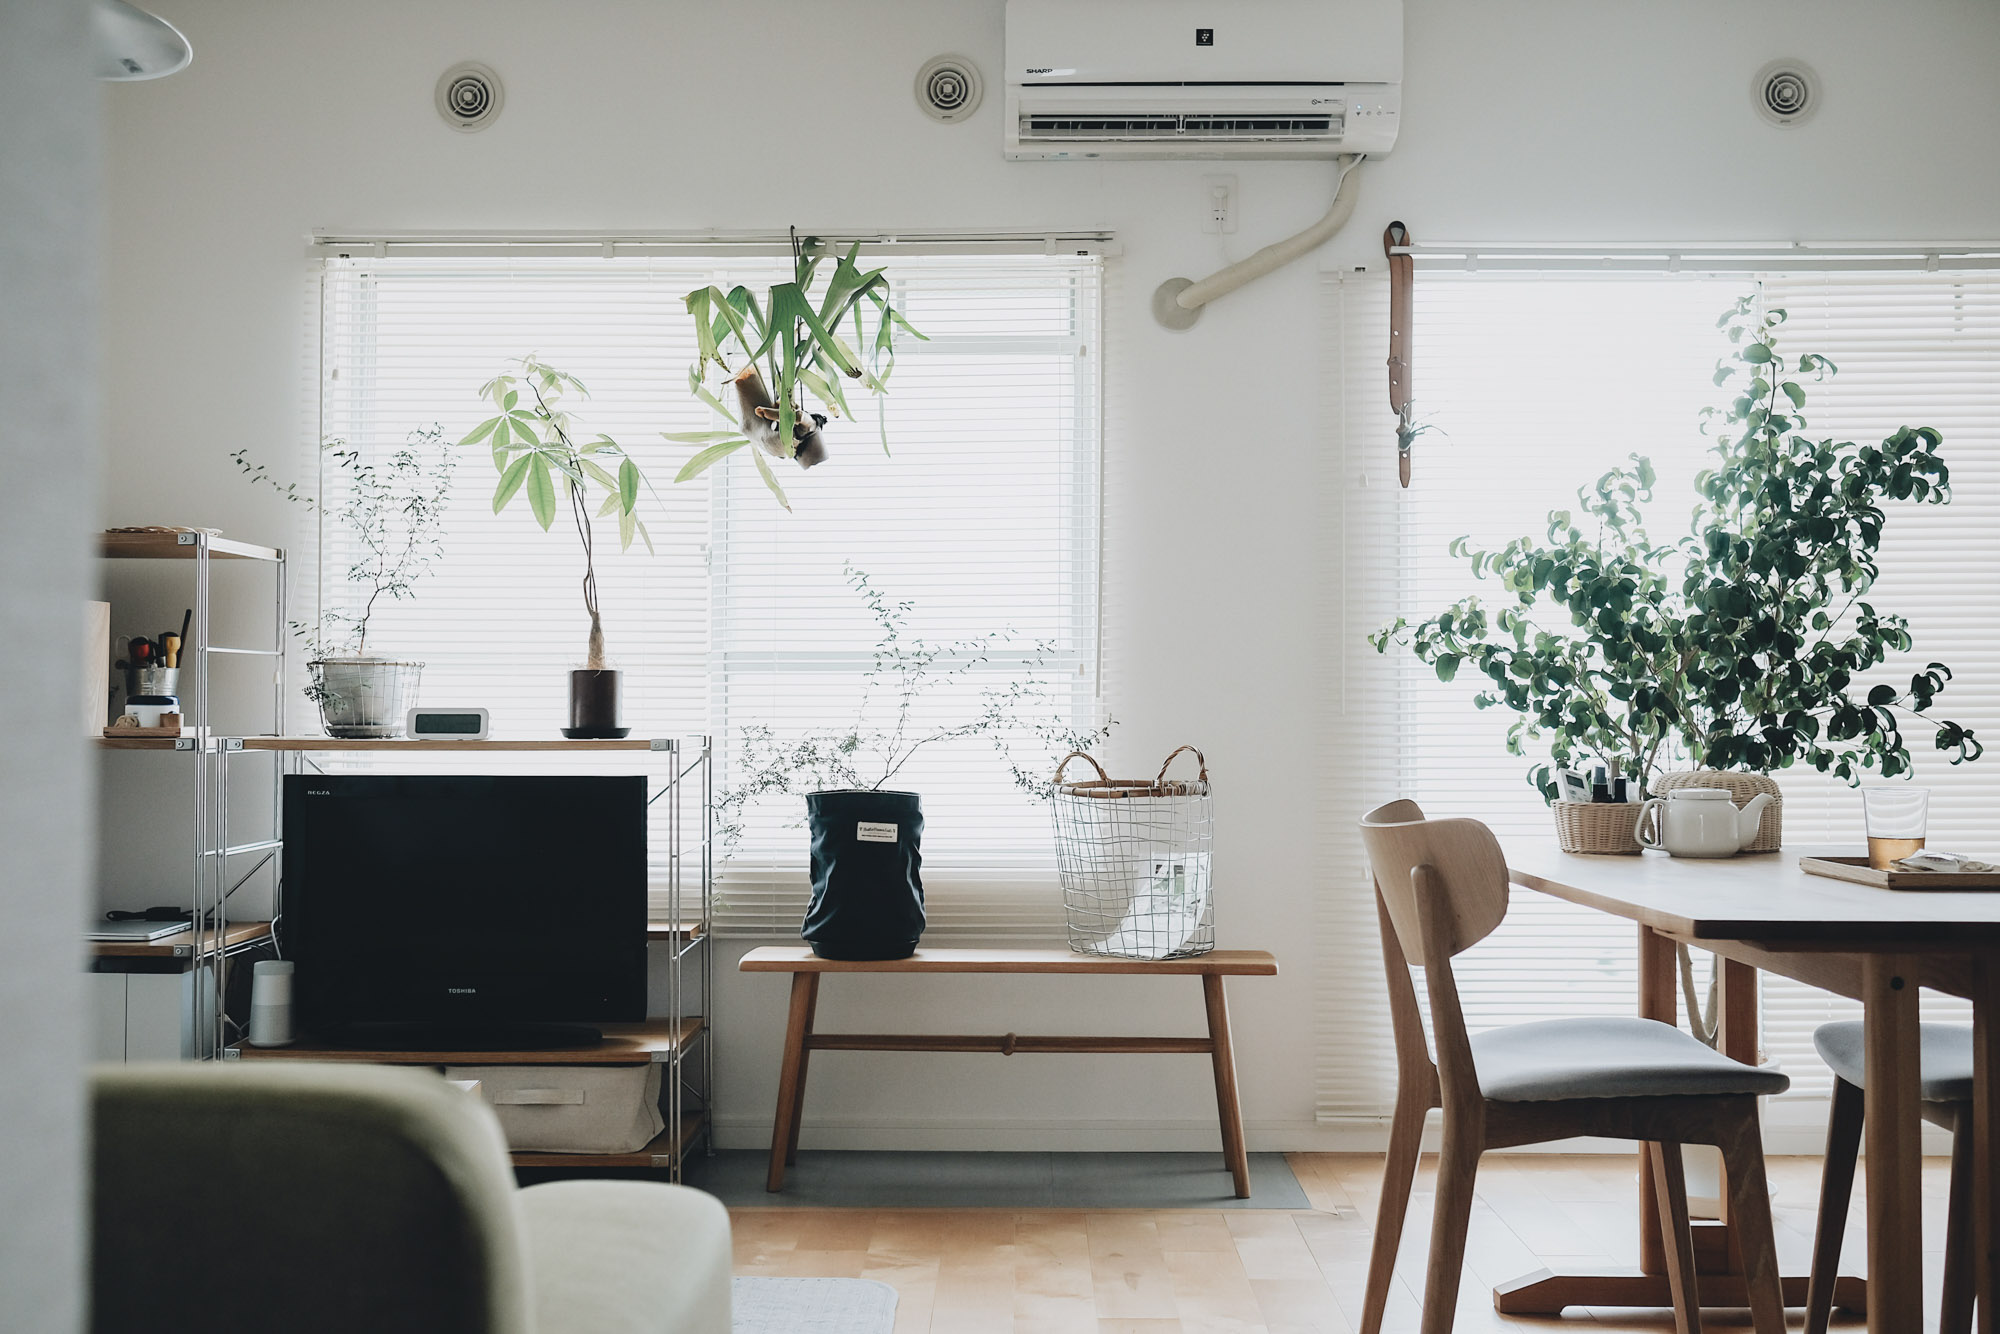 goodroomのオリジナルリノベーション「TOMOS」に住まれている方の事例。窓に対して左側にテレビやソファ、キッチン近くにダイニングテーブルという配置。